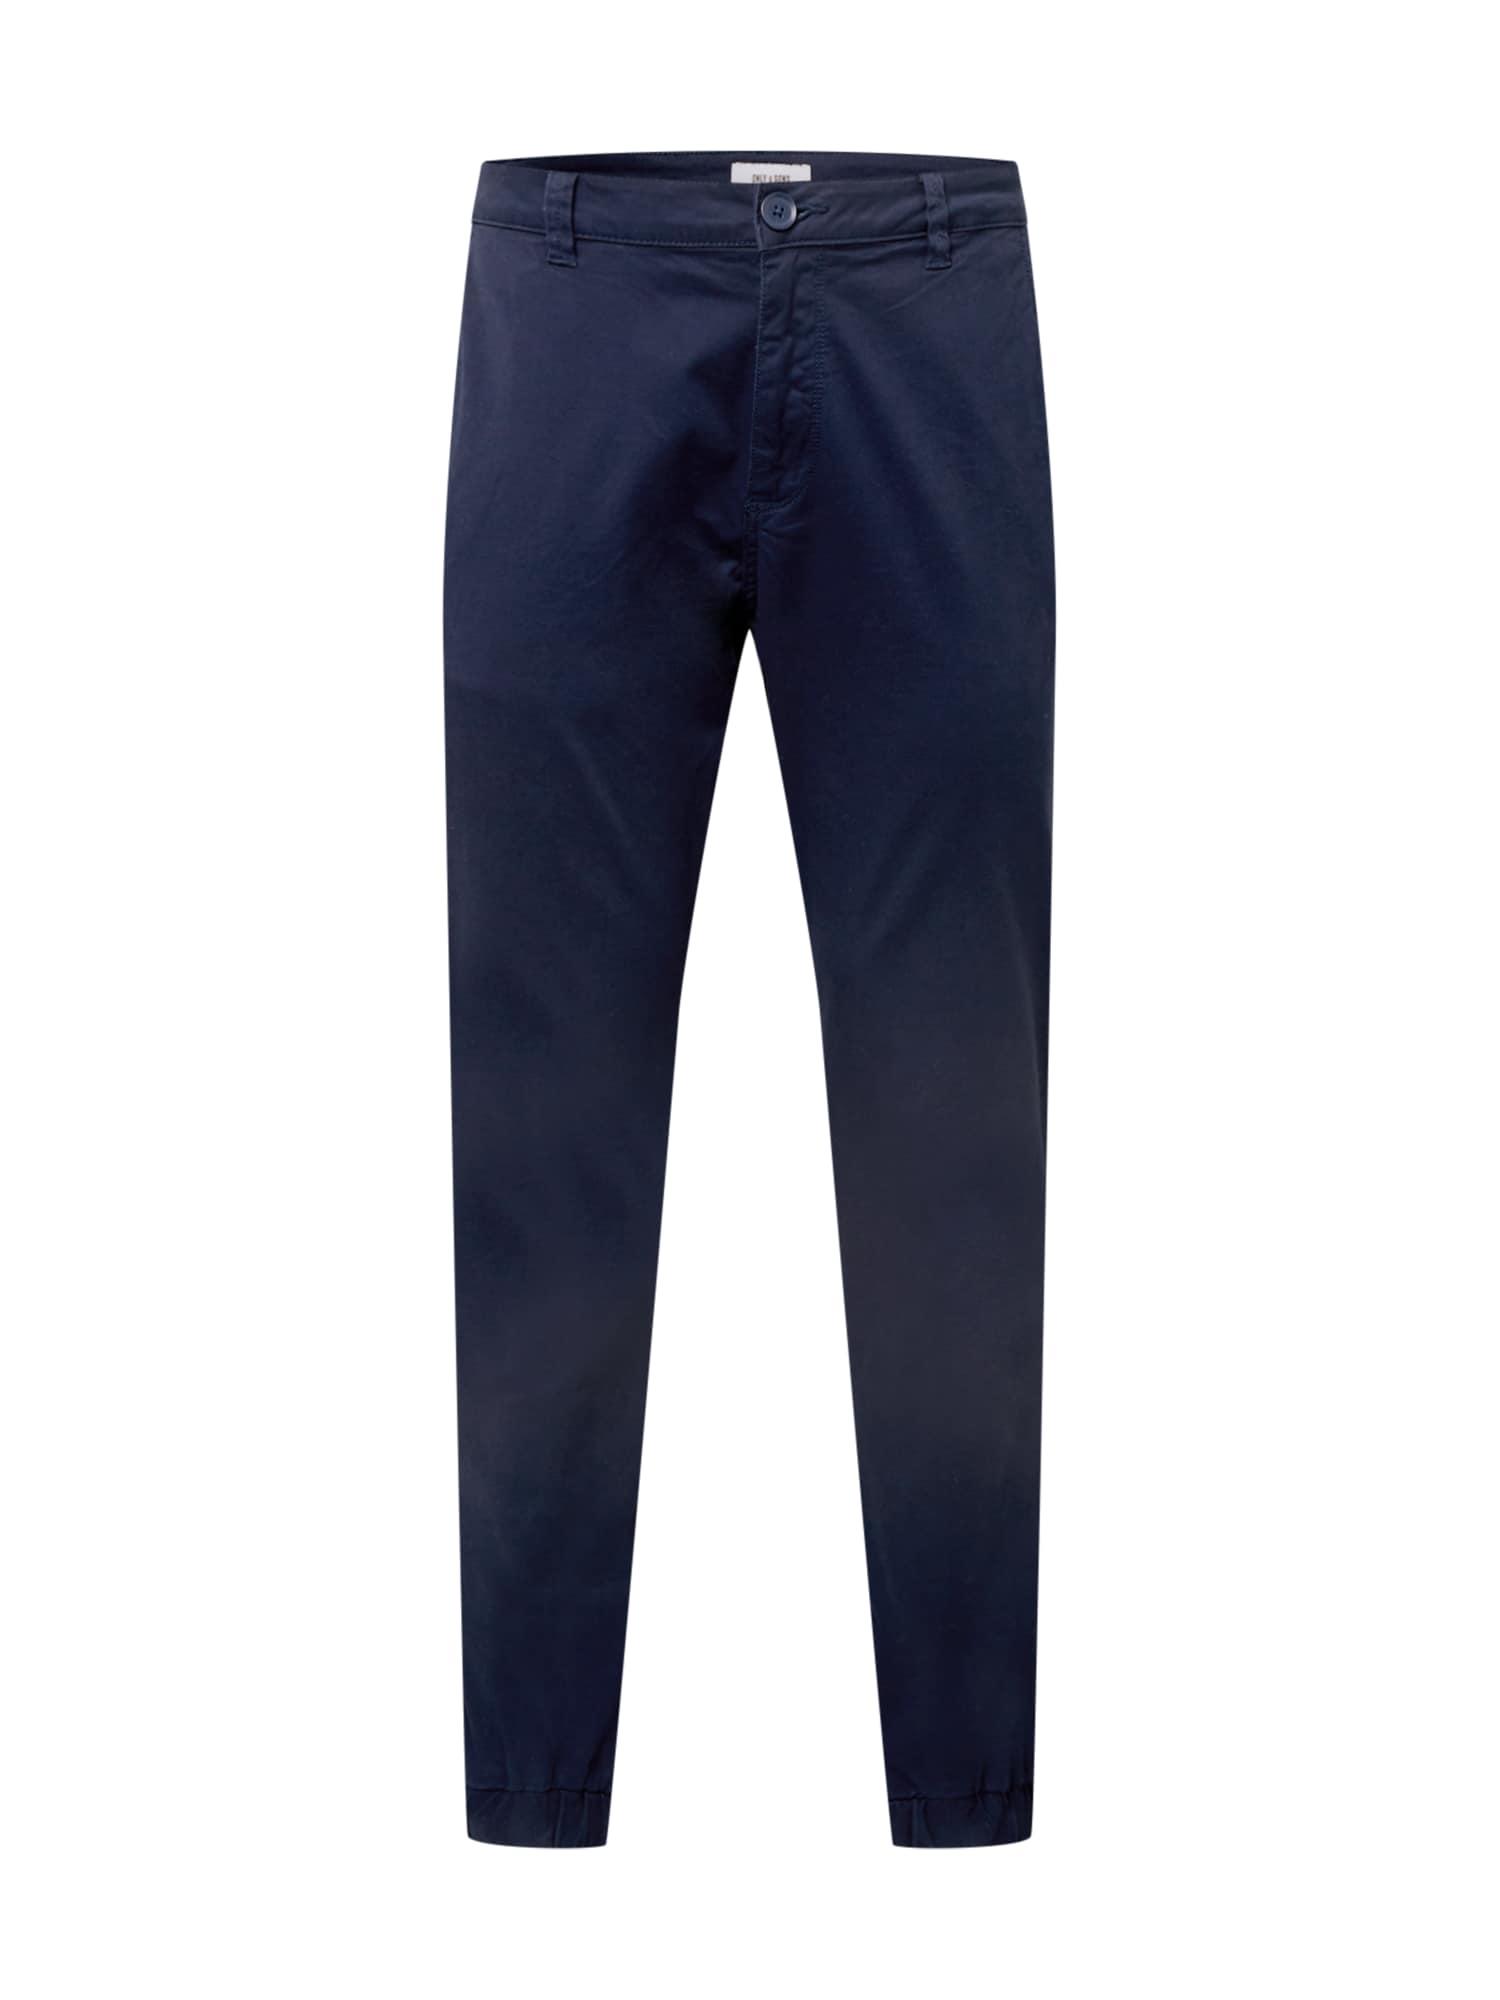 Only & Sons Chino kalhoty 'CAM'  námořnická modř